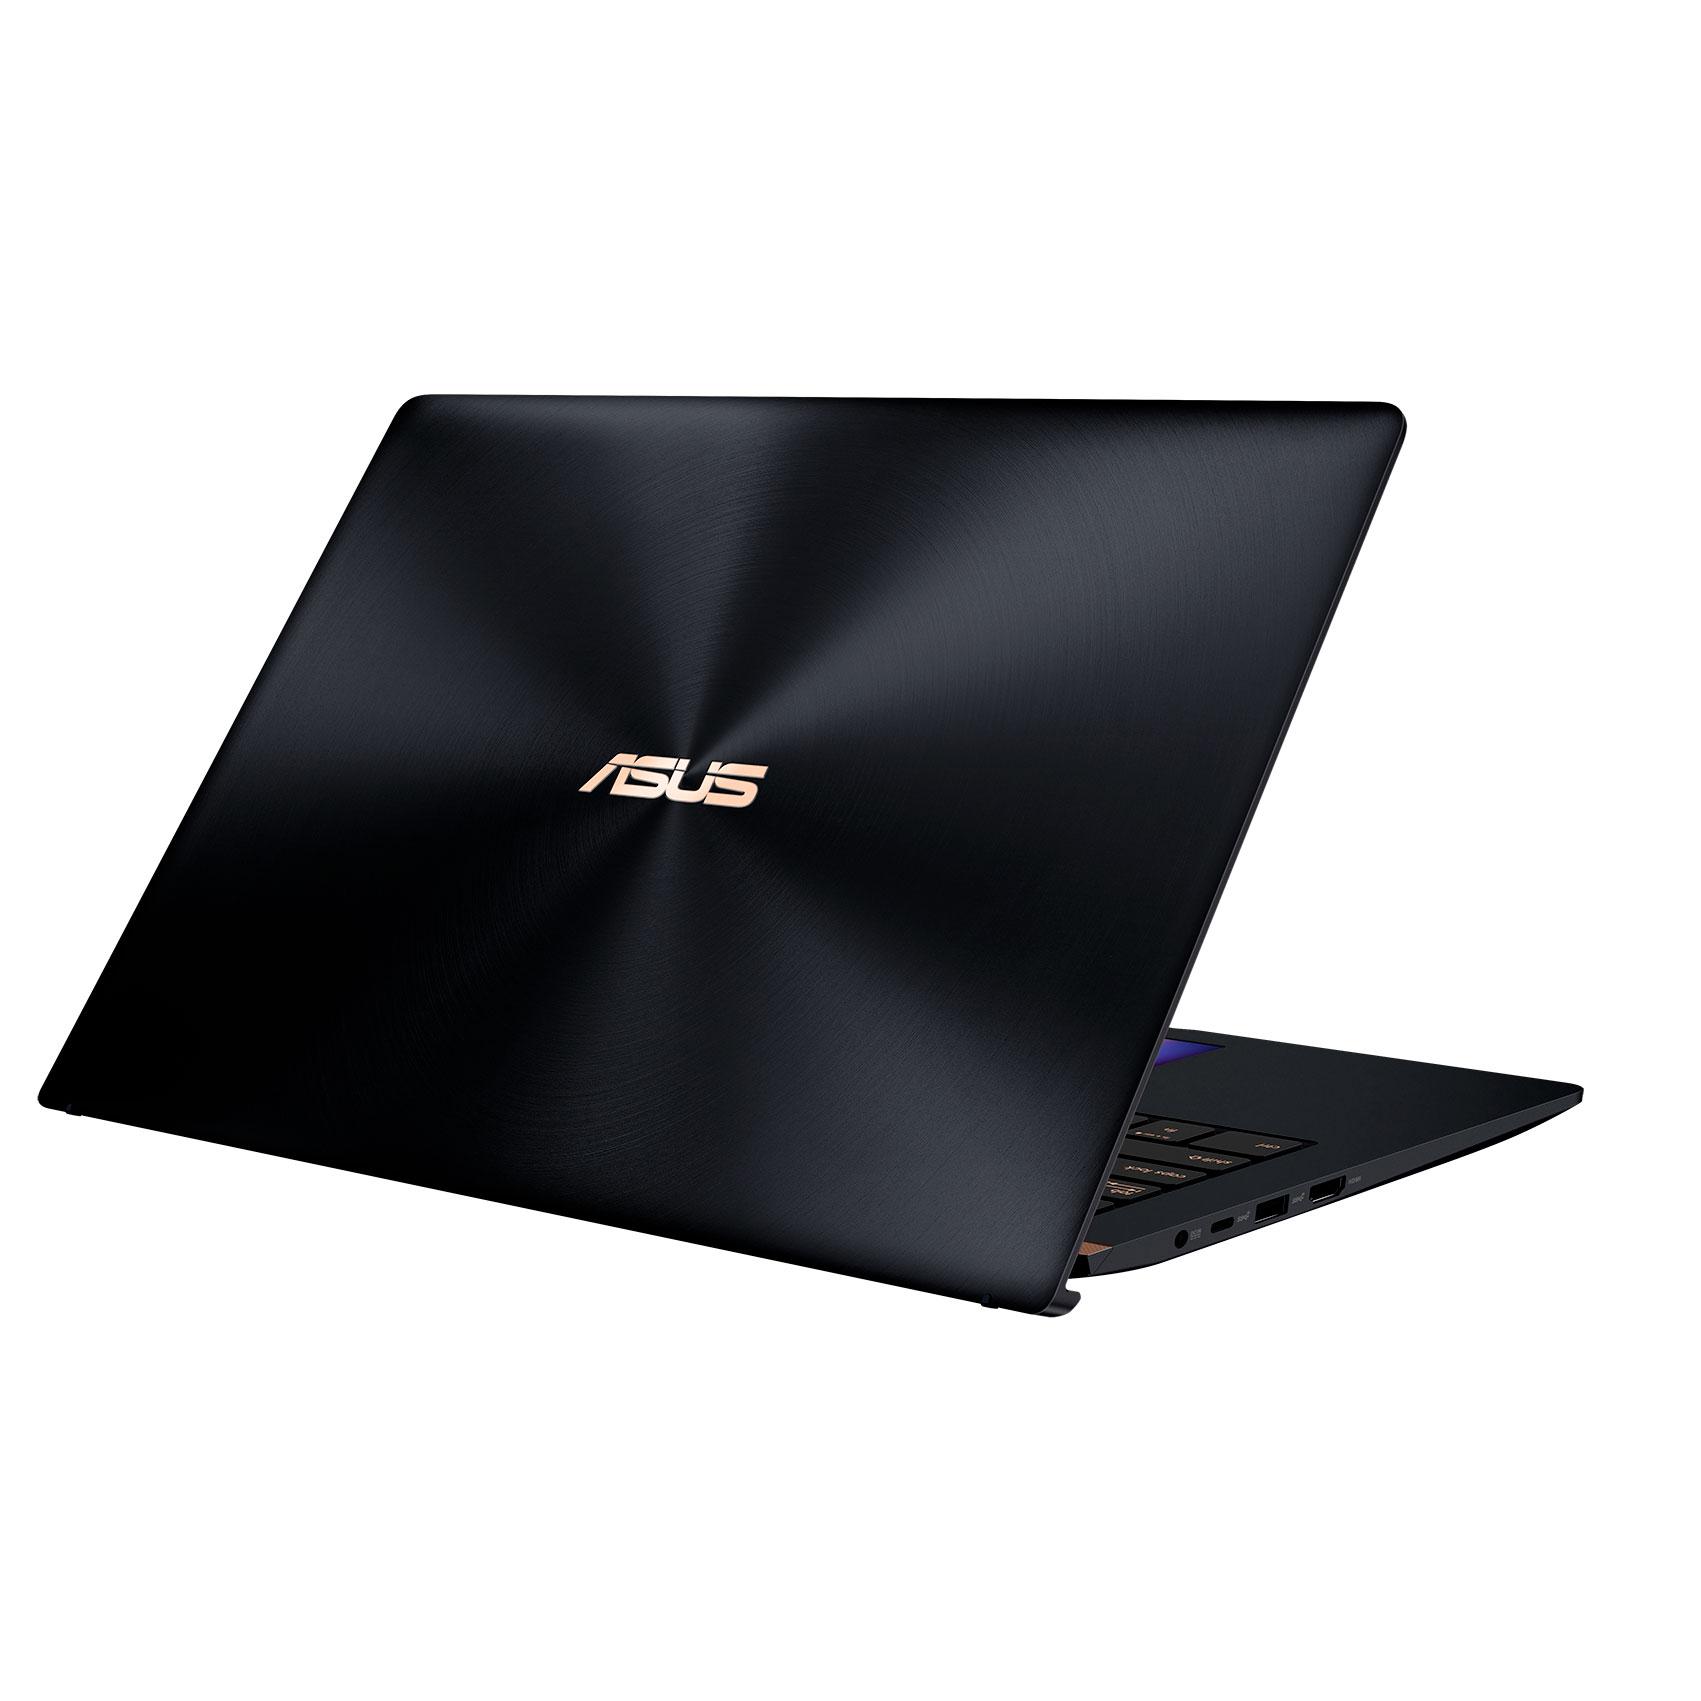 Asus Zenbook Pro 14 вызывает желание купить